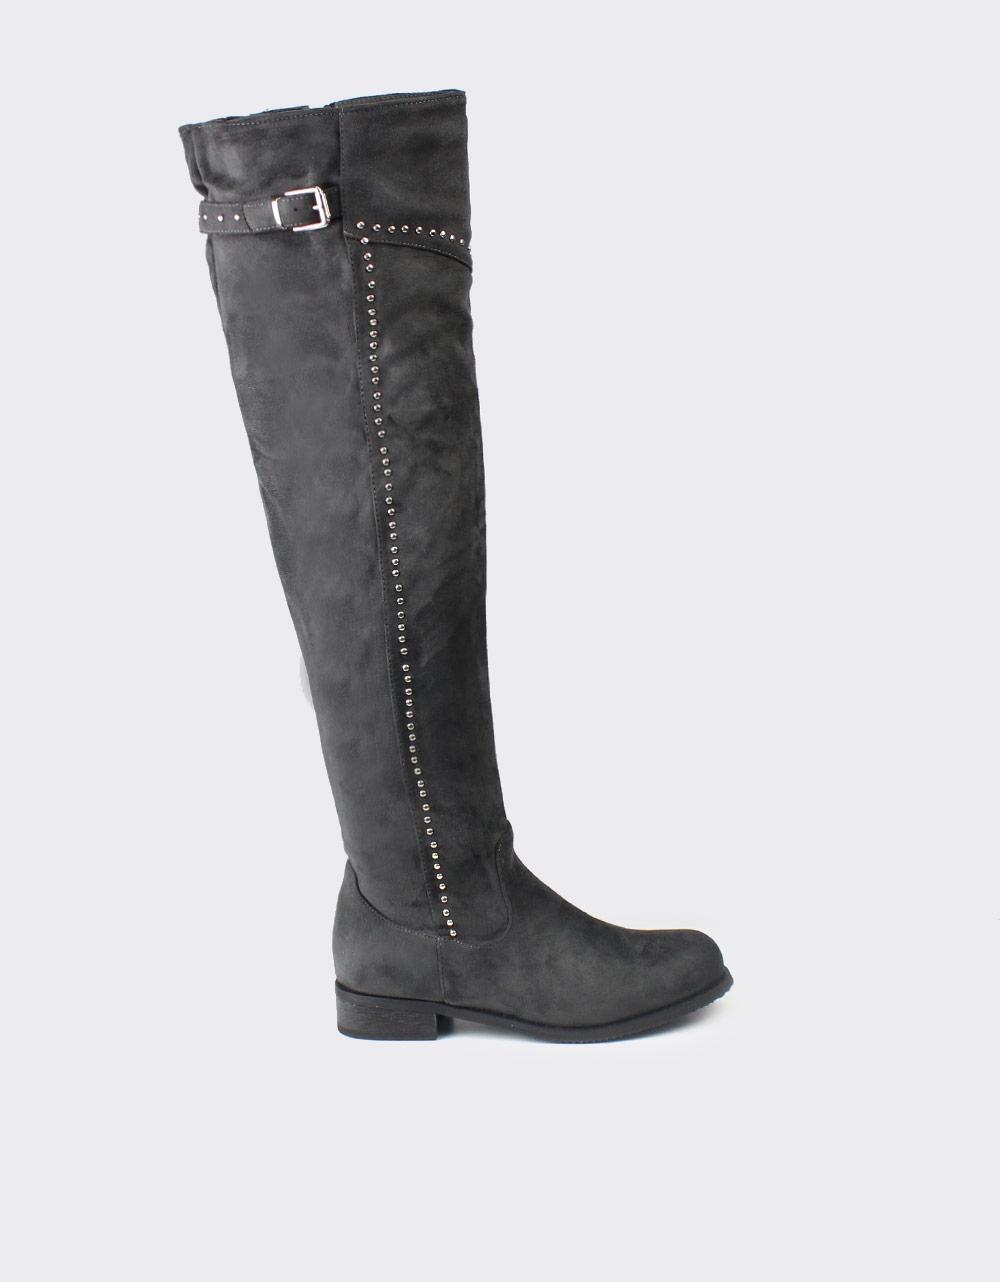 Εικόνα από Γυναικείες μπότες με stubs Γκρι